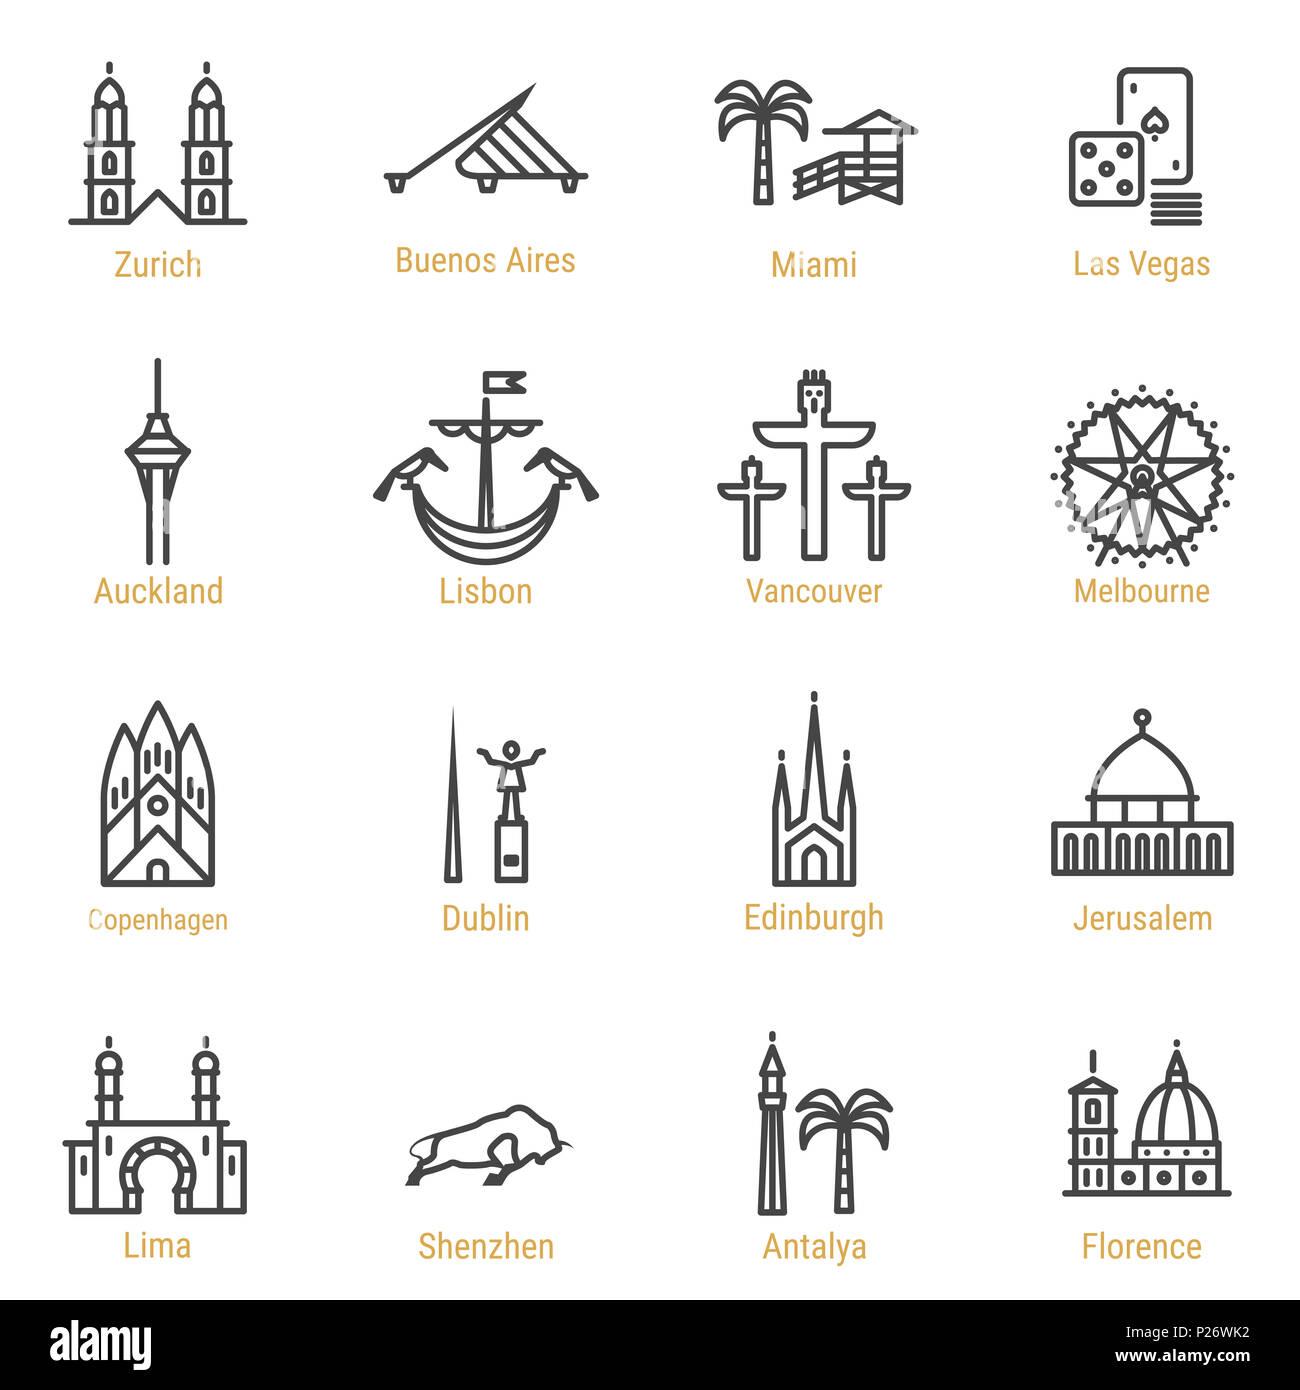 Zurich - Buenos Aires - Miami - Las Vegas - Auckland - Lisbon - Vancouver - Melbourne - Copenhagen - Dublin - Edinburgh - Jerusalem - Lima - Shenzhen  - Stock Image